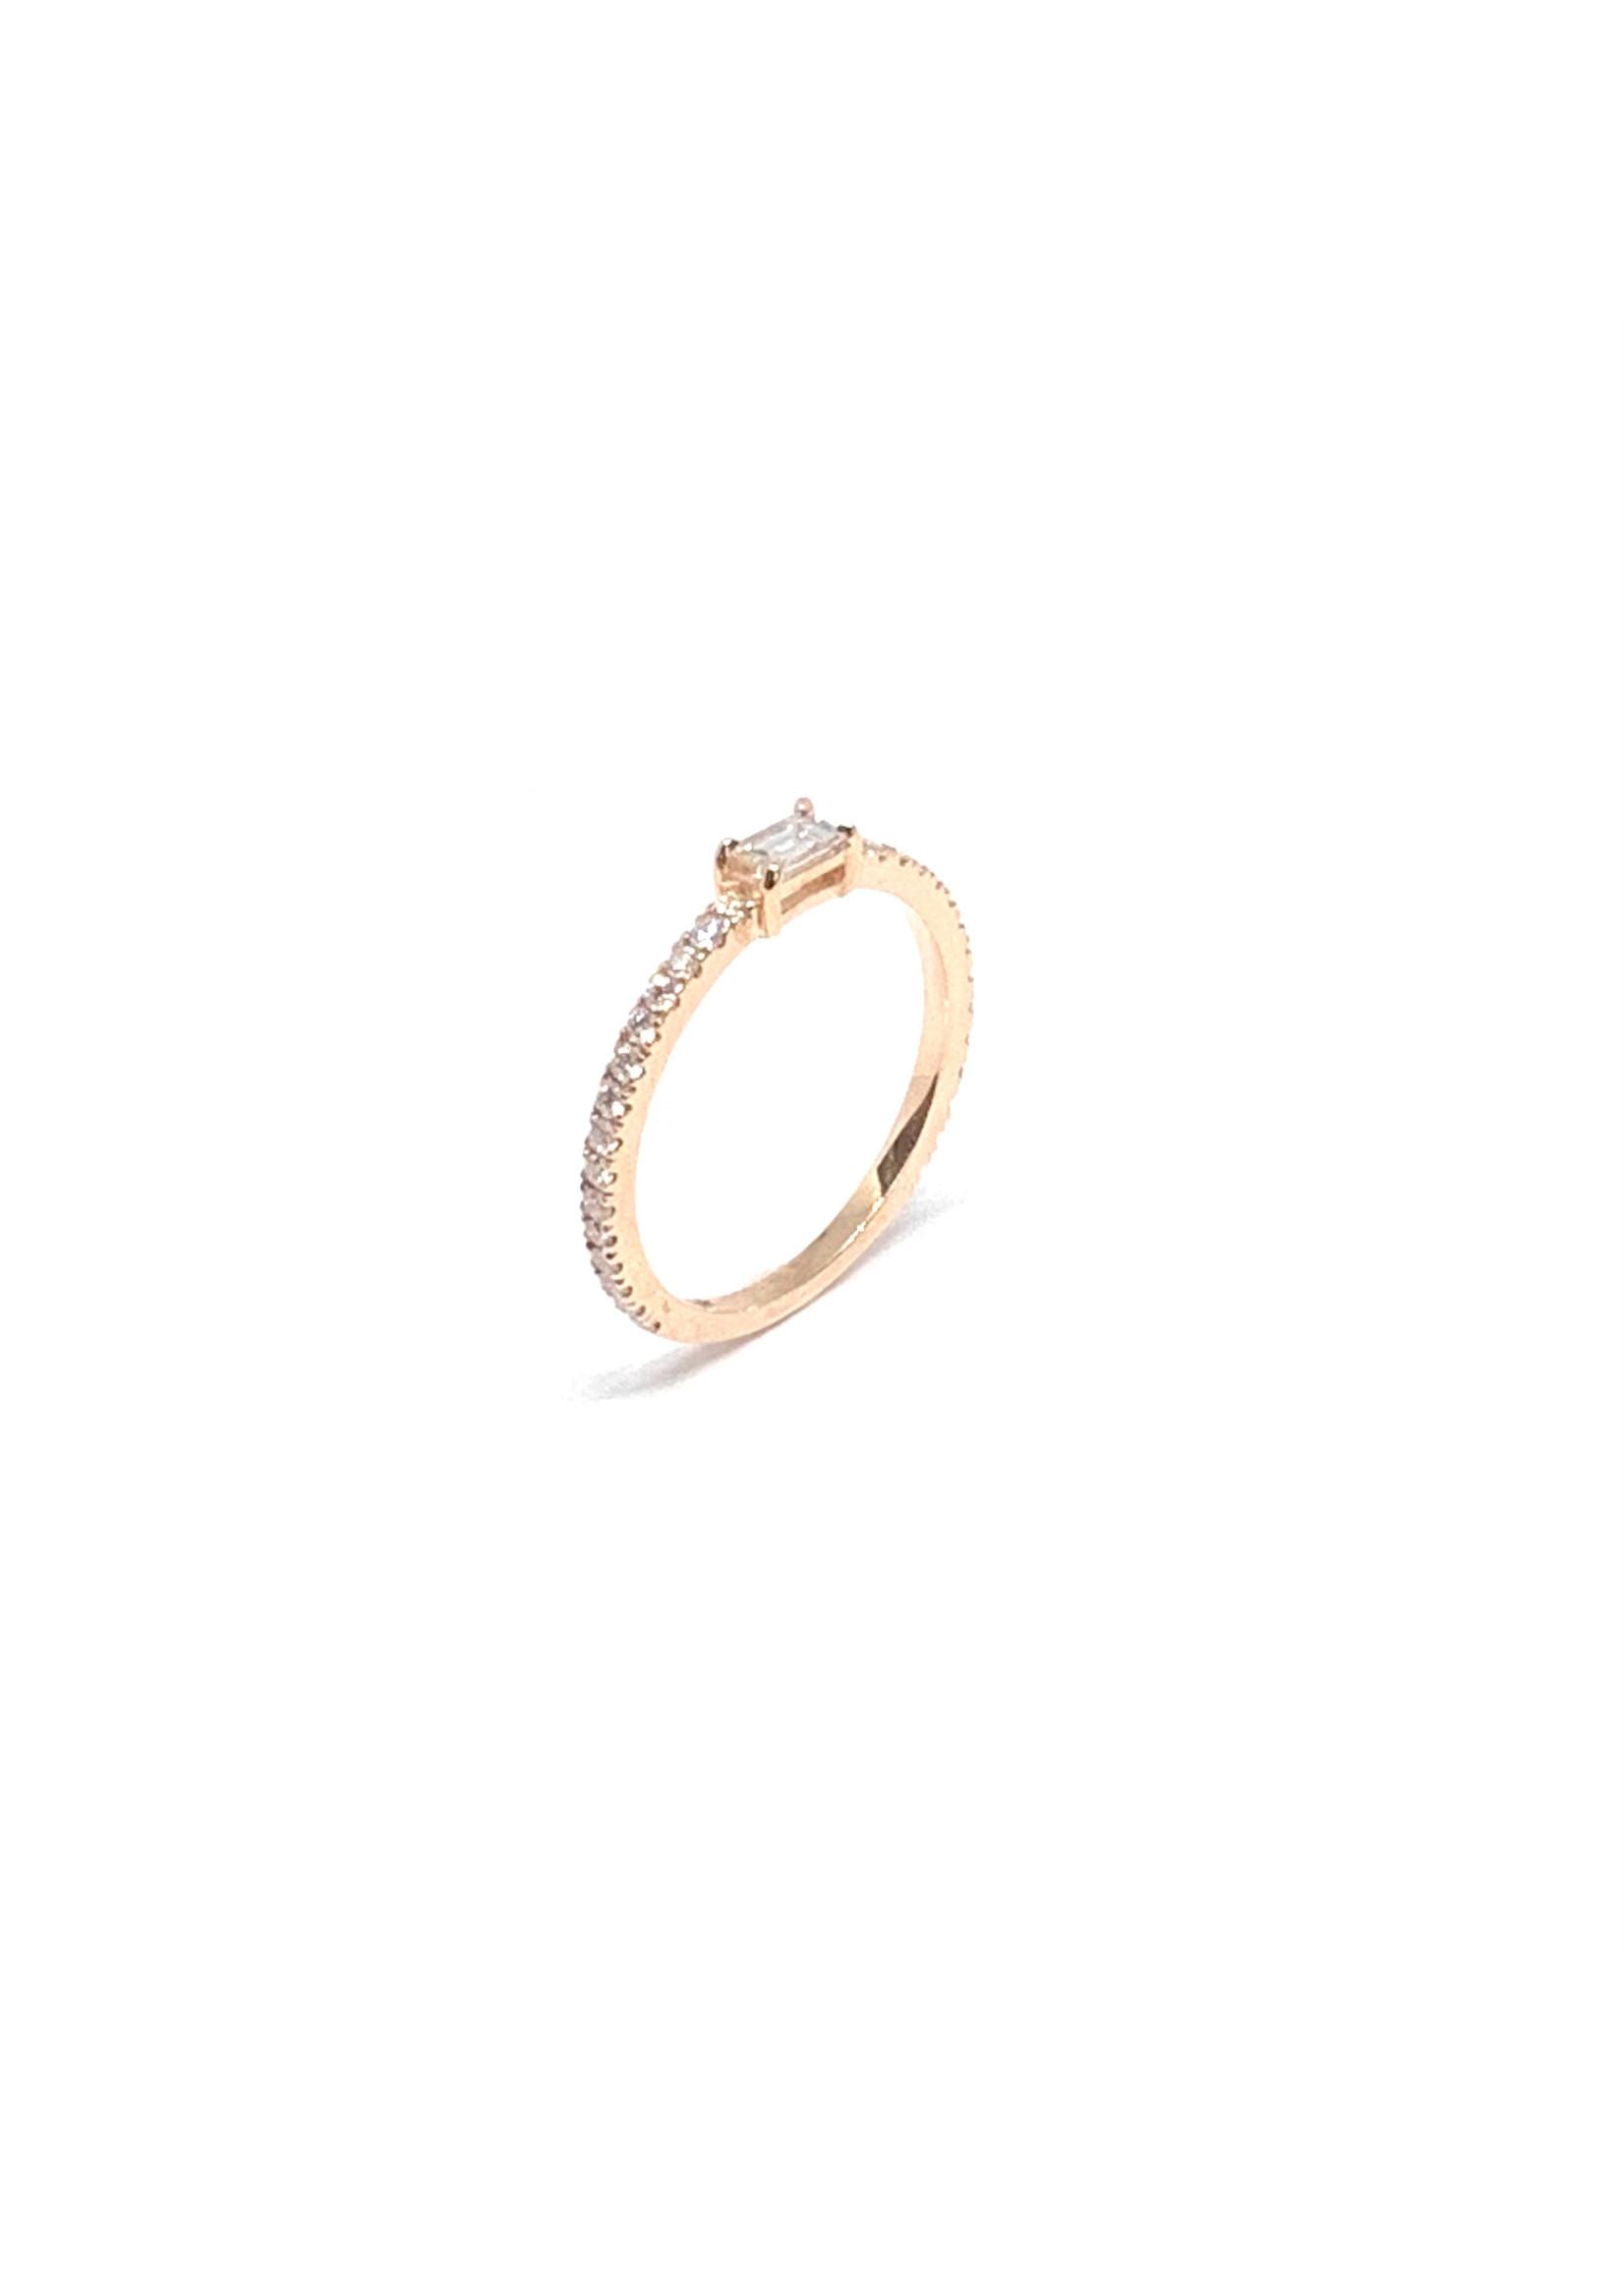 PARÉ Bague solitaire Or rose 14K avec diamants